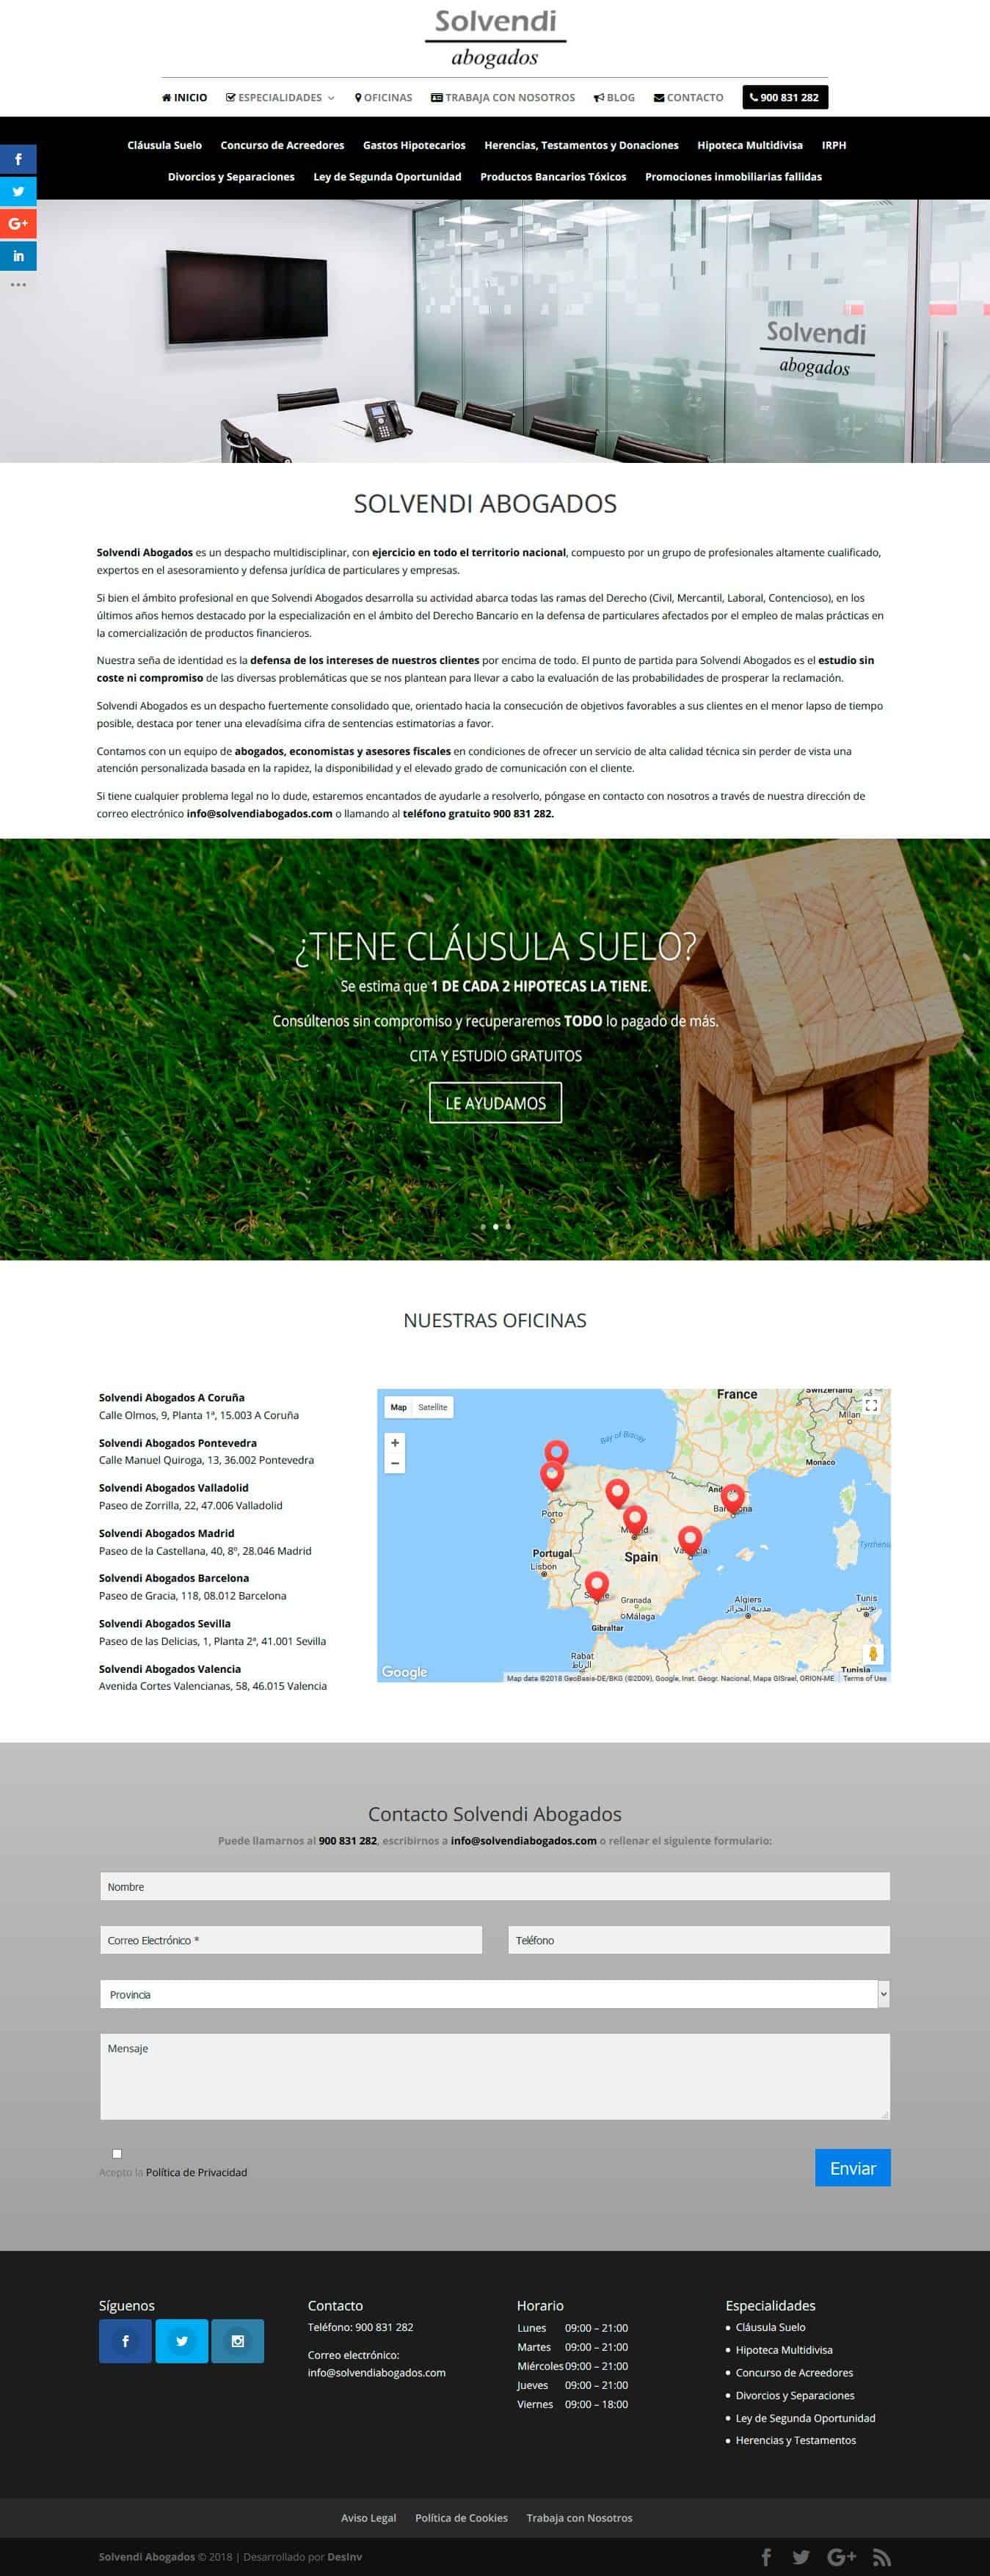 Desarrollo Web Abogados Galicia - Solvendi Abogados